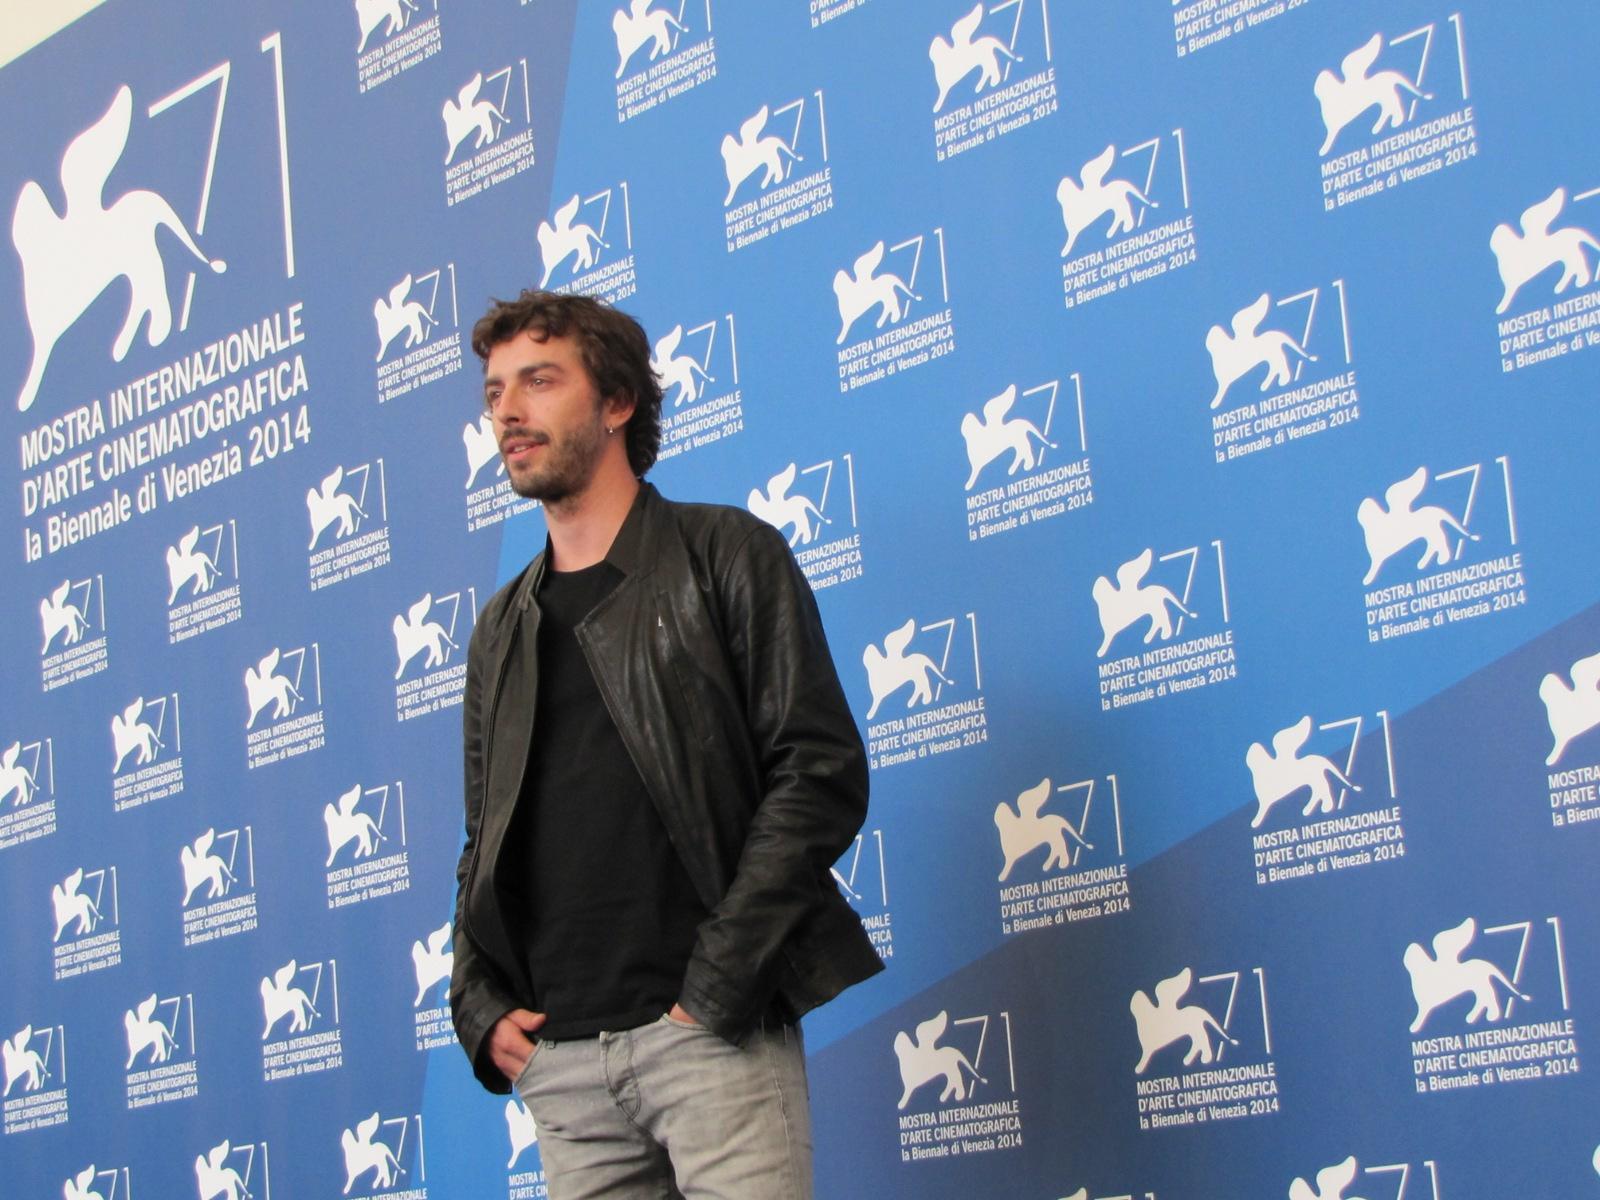 Il giovane favoloso a Venezia 2014 - Michele Riondino